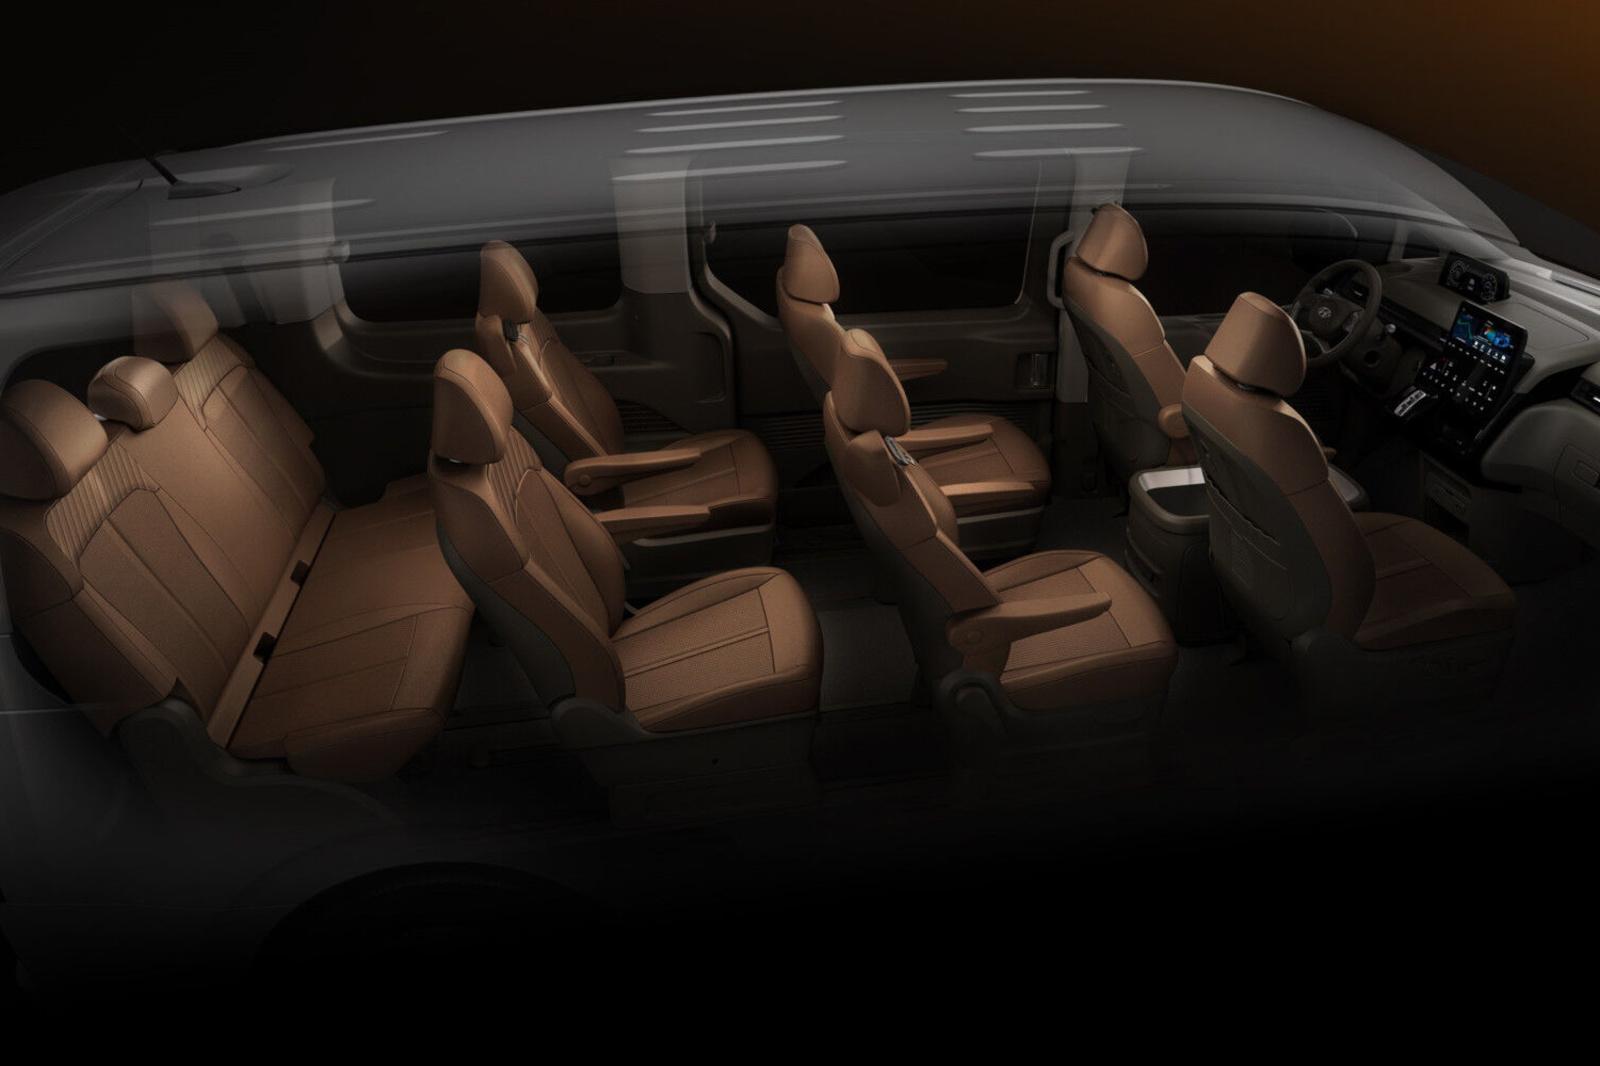 L'organisation de l'immense espace autorise l'installation de quatre rangées de sièges., GF